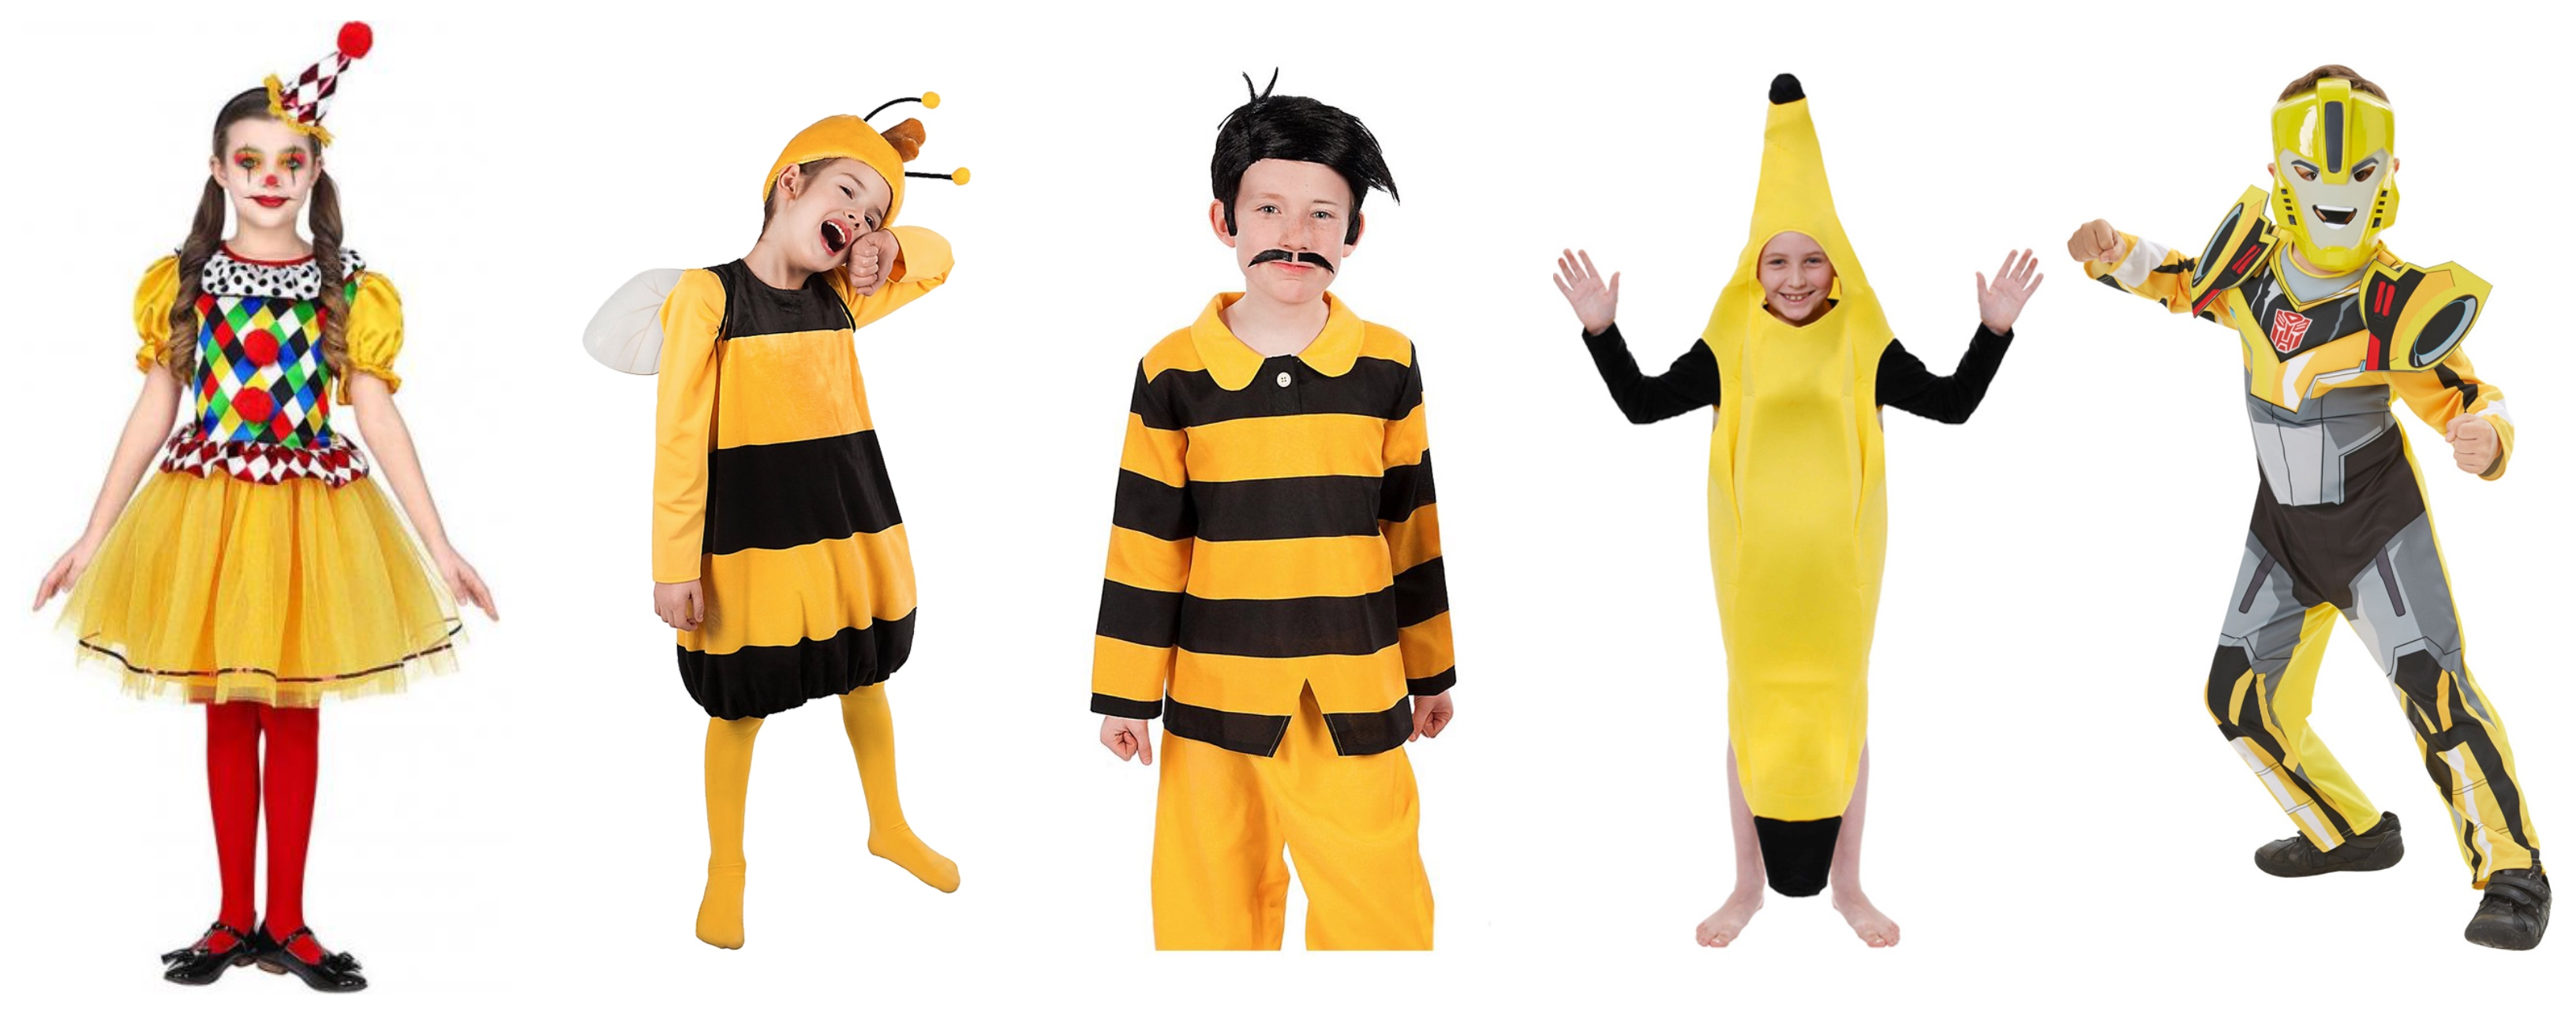 gule børnekostumer - Gule kostumer til børn